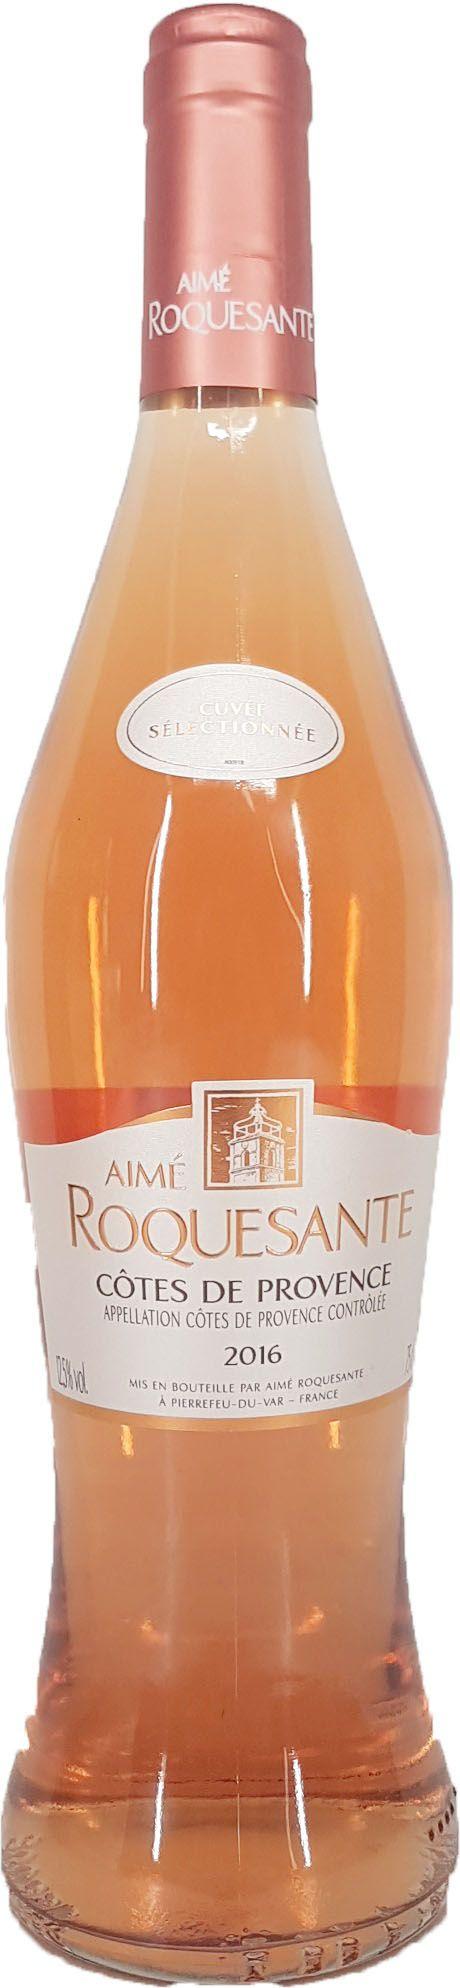 Vinho Rosé Aimé Roquesante Côtes de Provence  - 750ml -